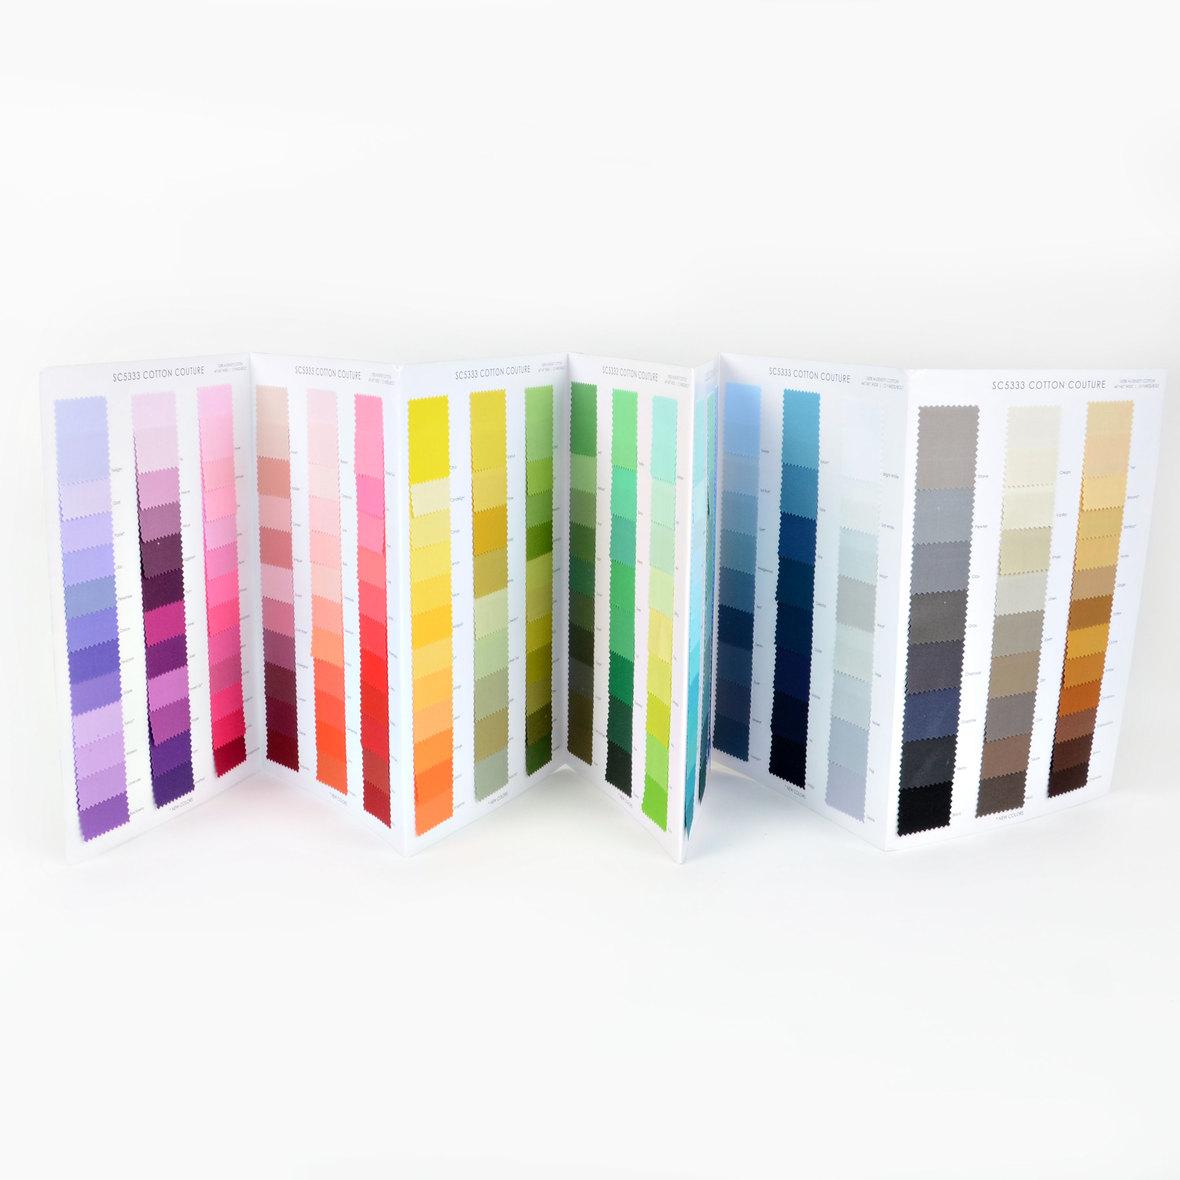 Cotton-Couture-Color-Card